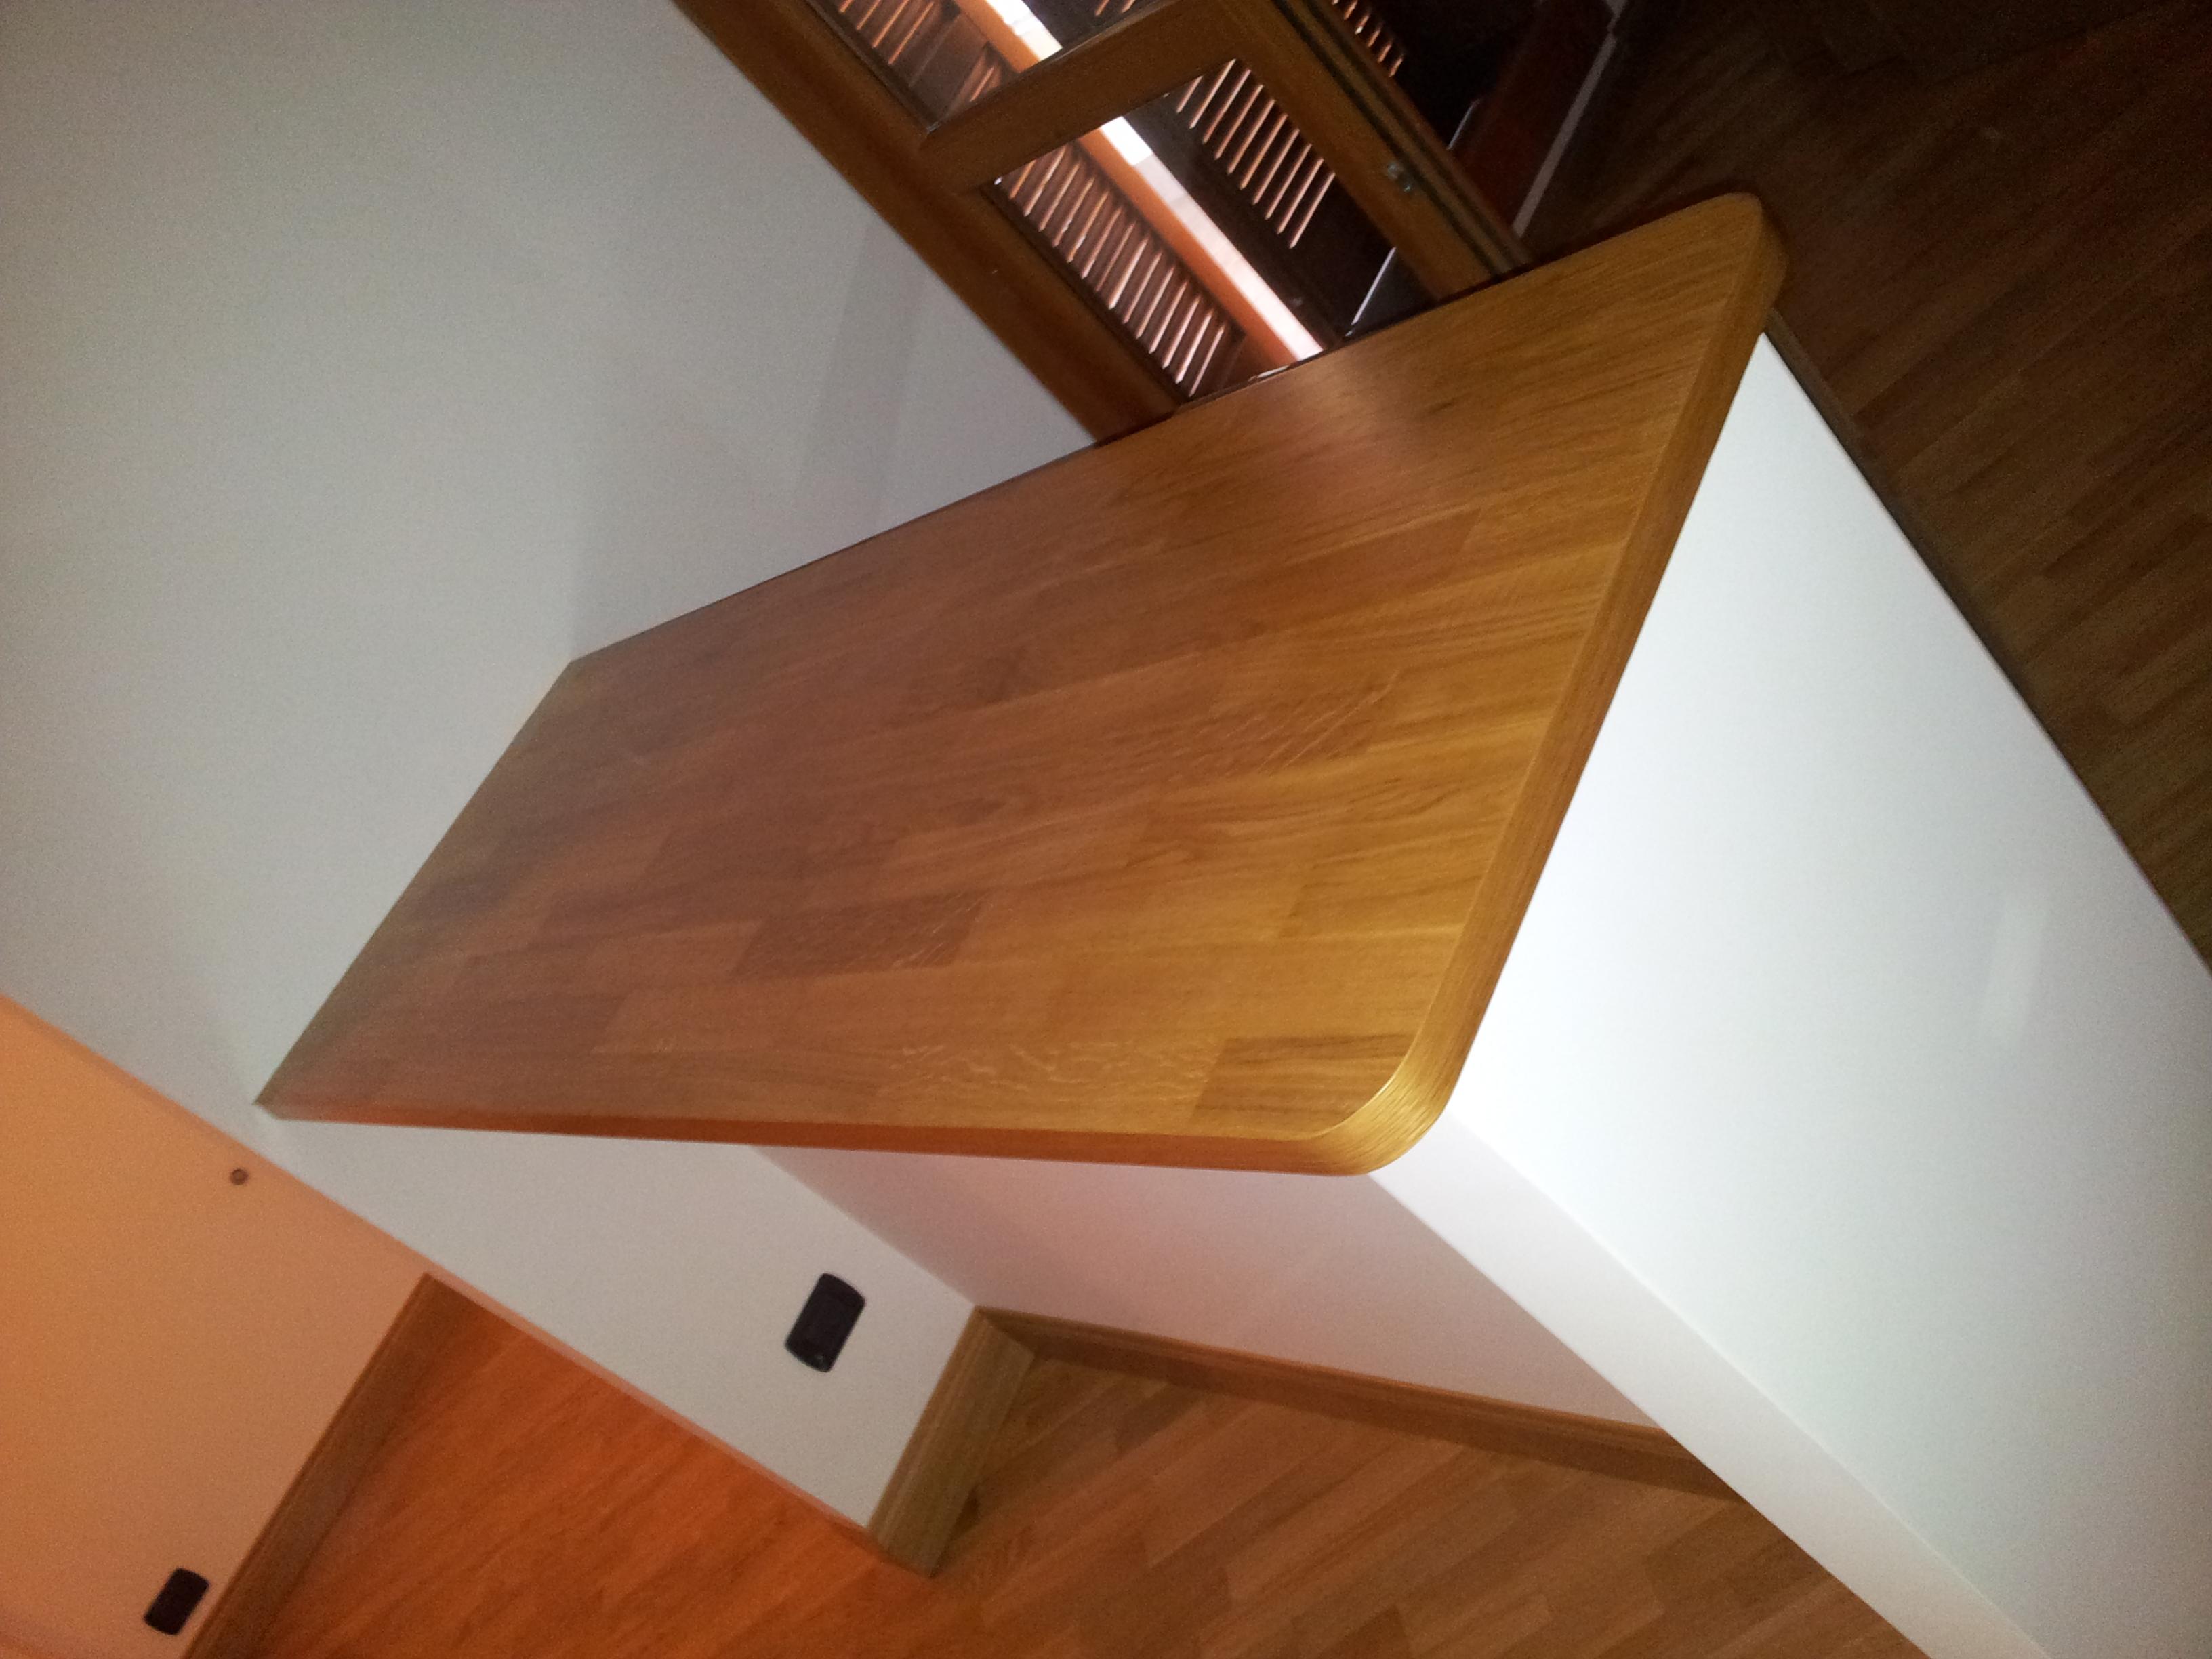 Tavoli in legno da cucina - Falegnameria Roma - Restauro Legno - Porte e Finestre in Legno ...